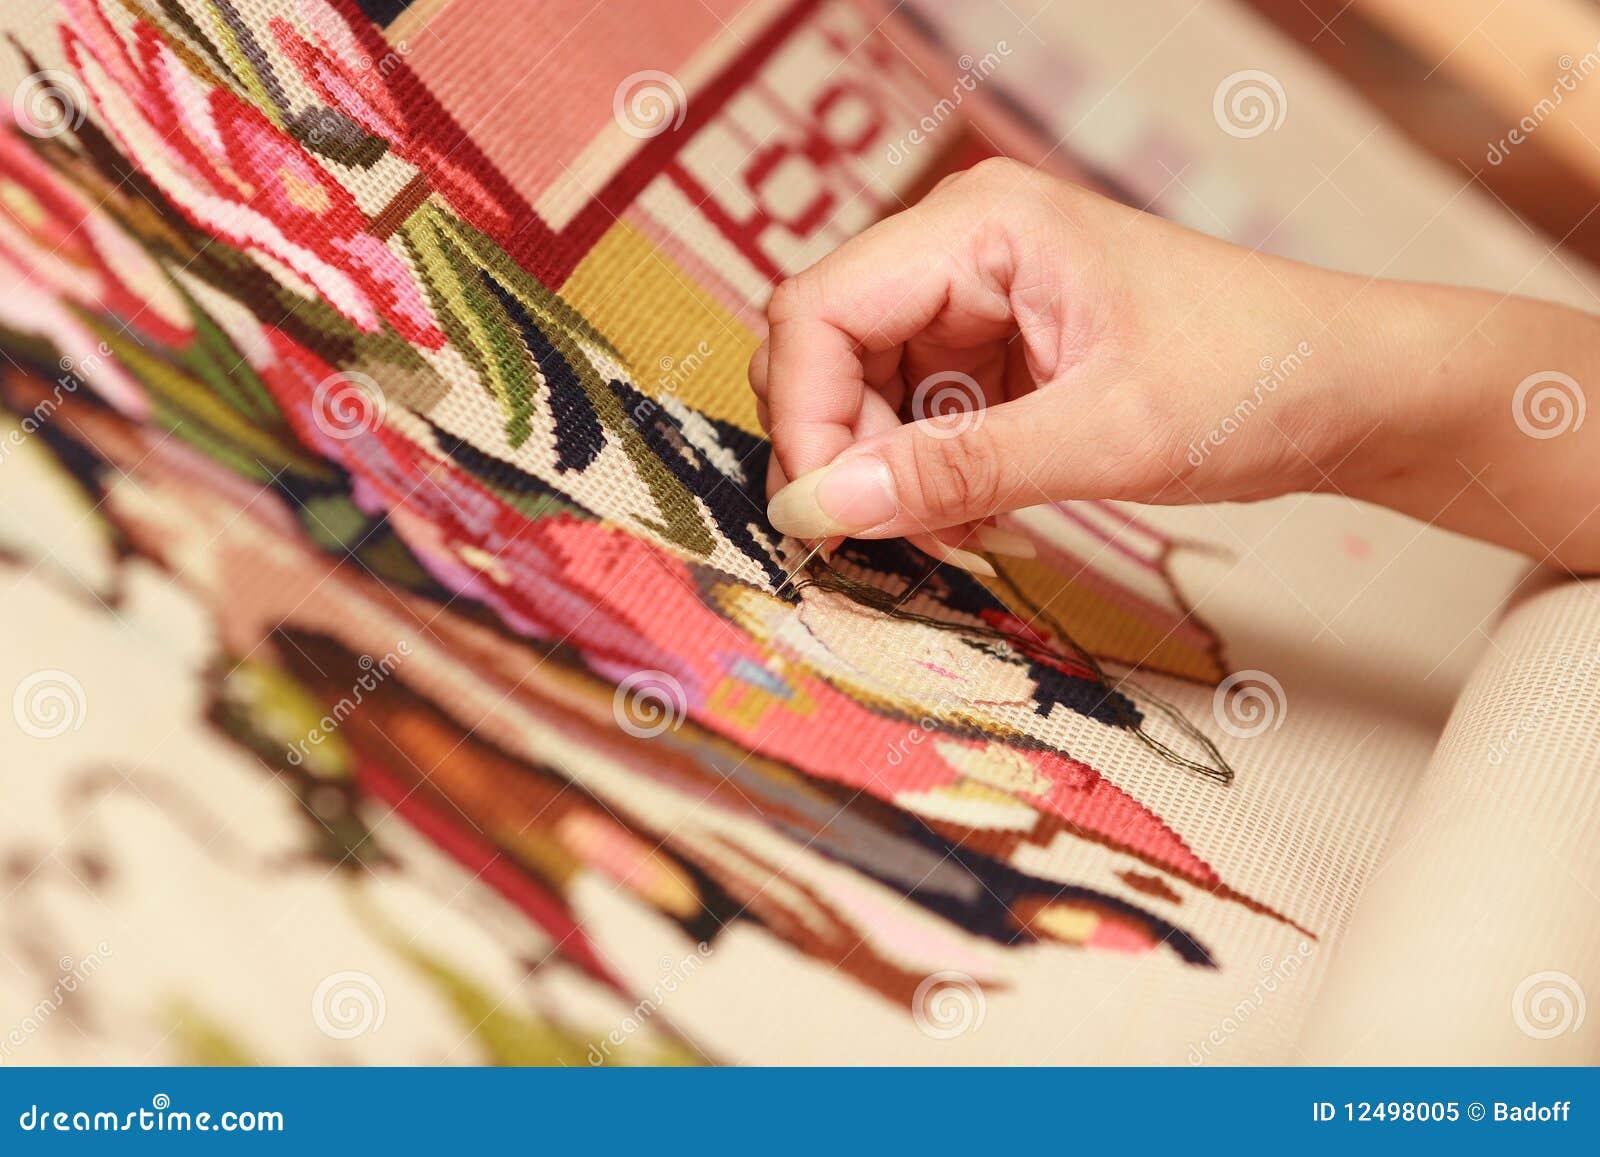 Виды вышивки ручной крестом, гладью, бисером и лентами